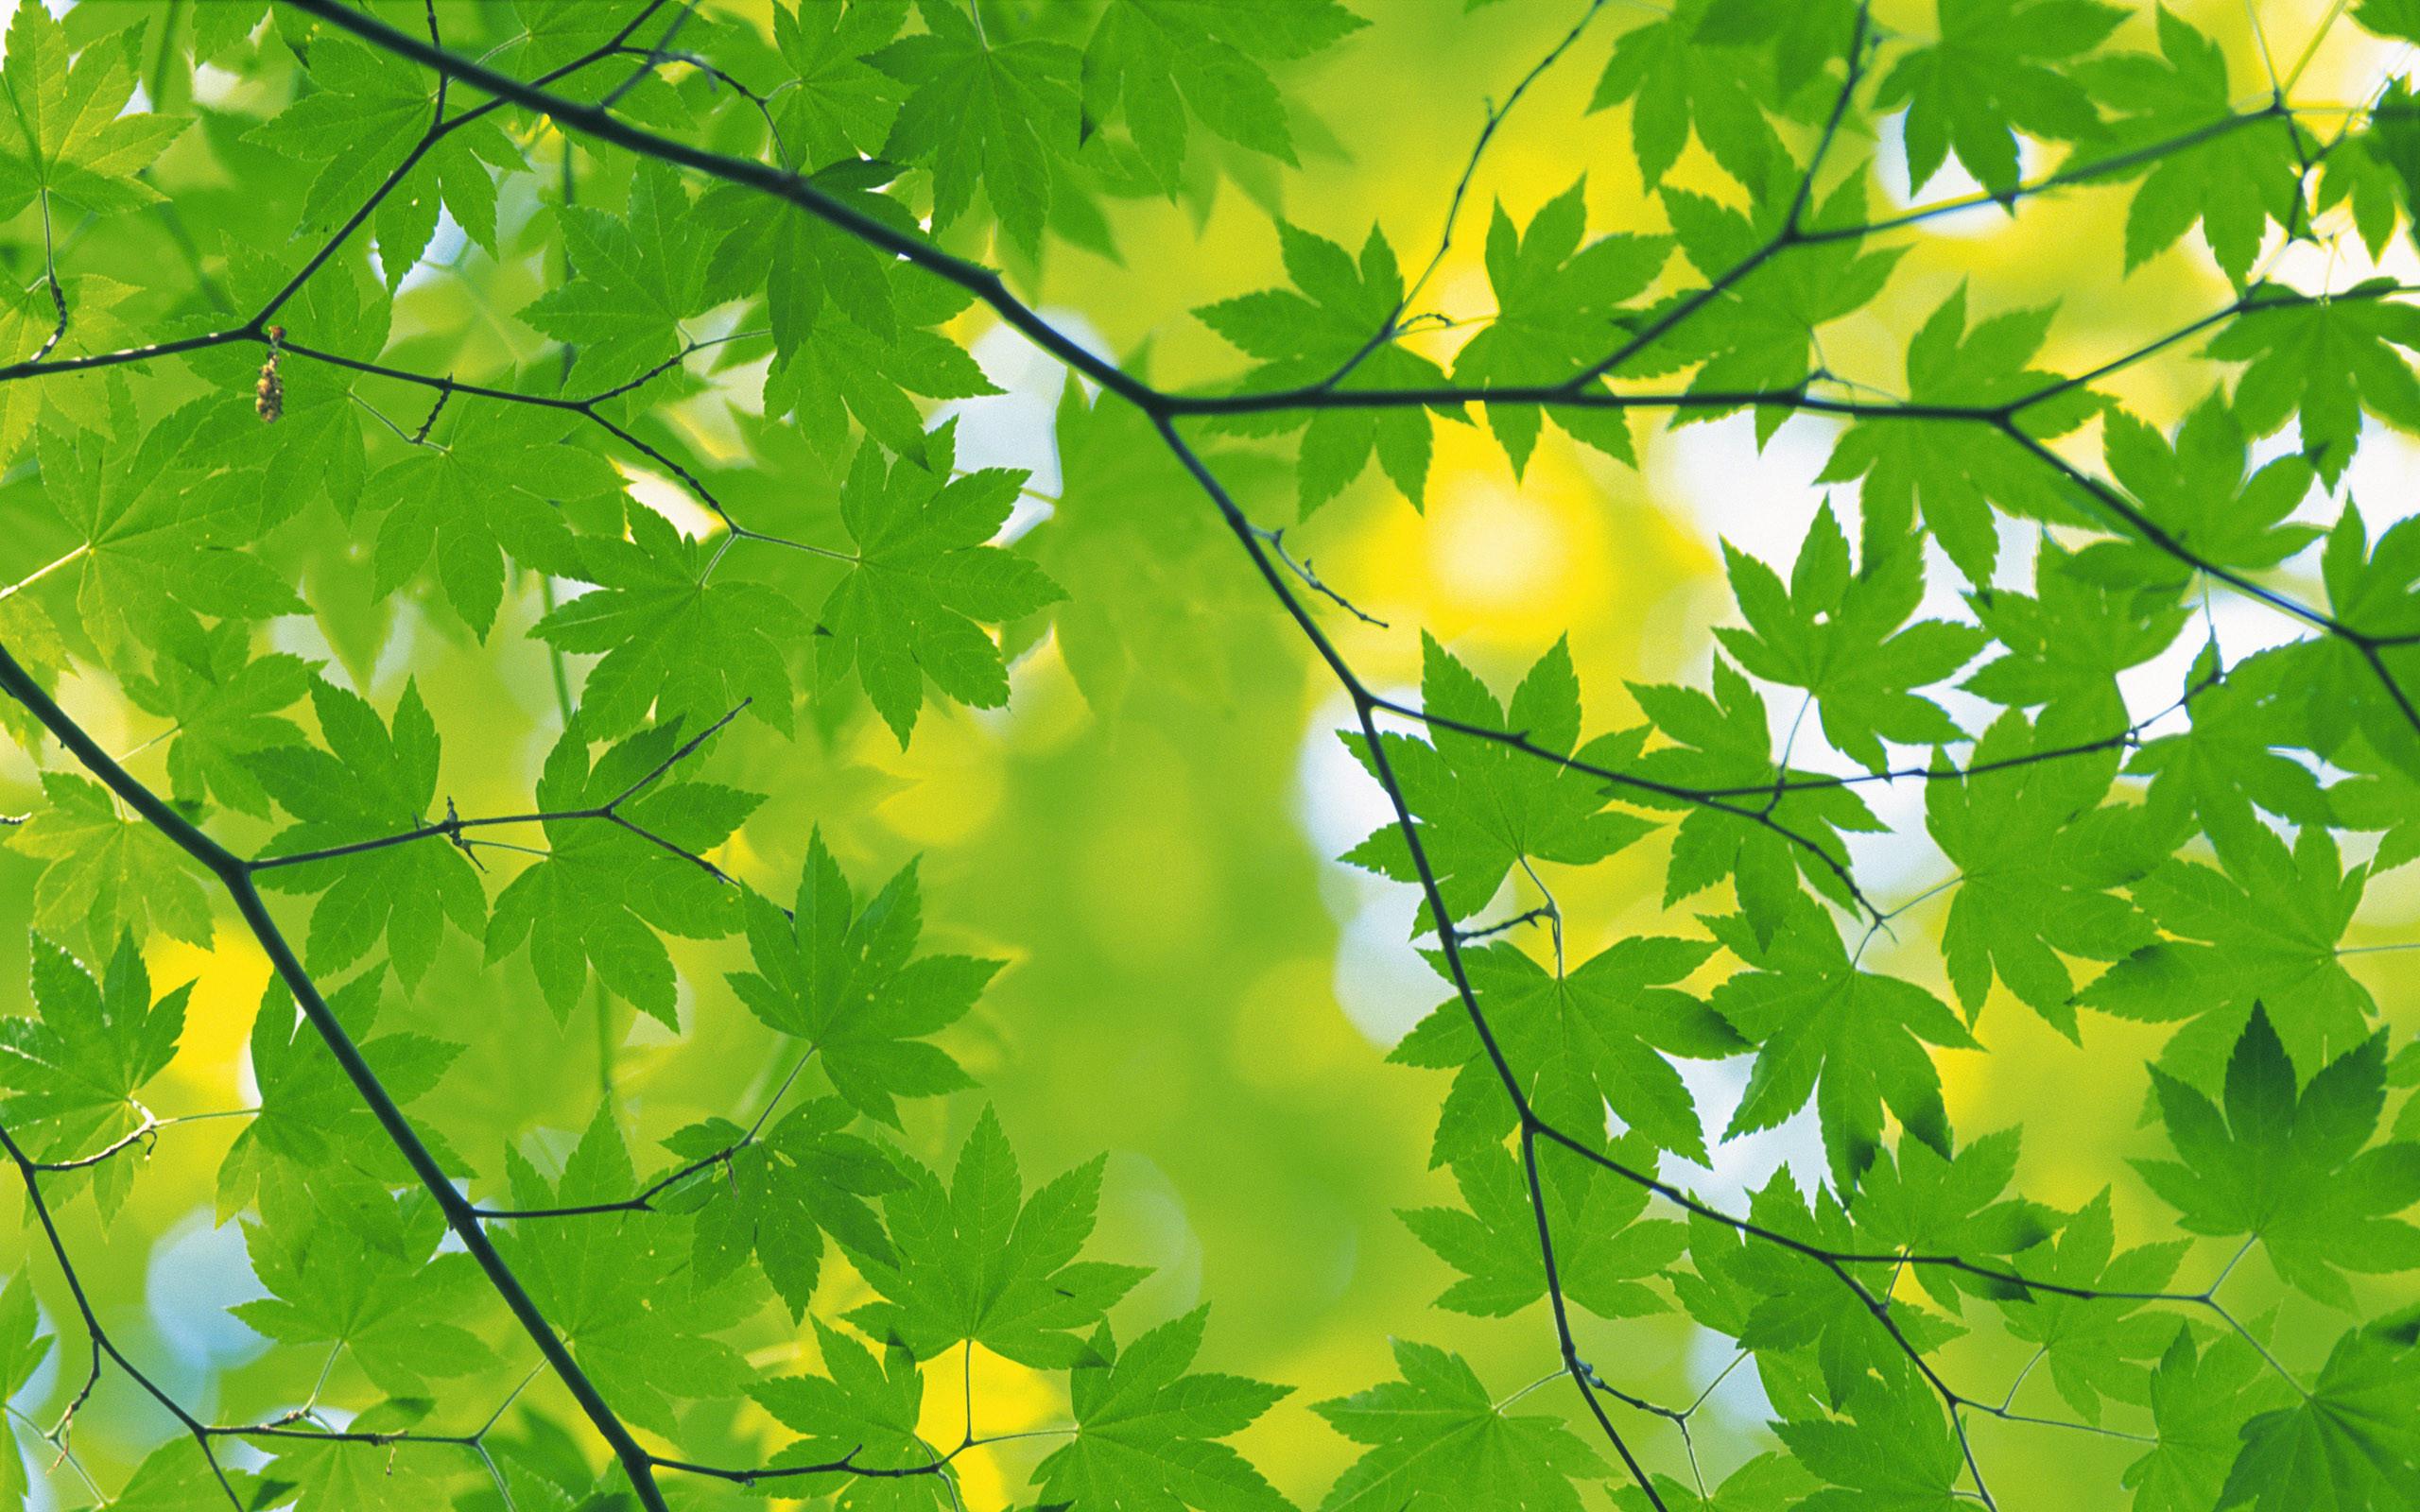 Leaf · Autumn Leaves Desktop Wallpaper …